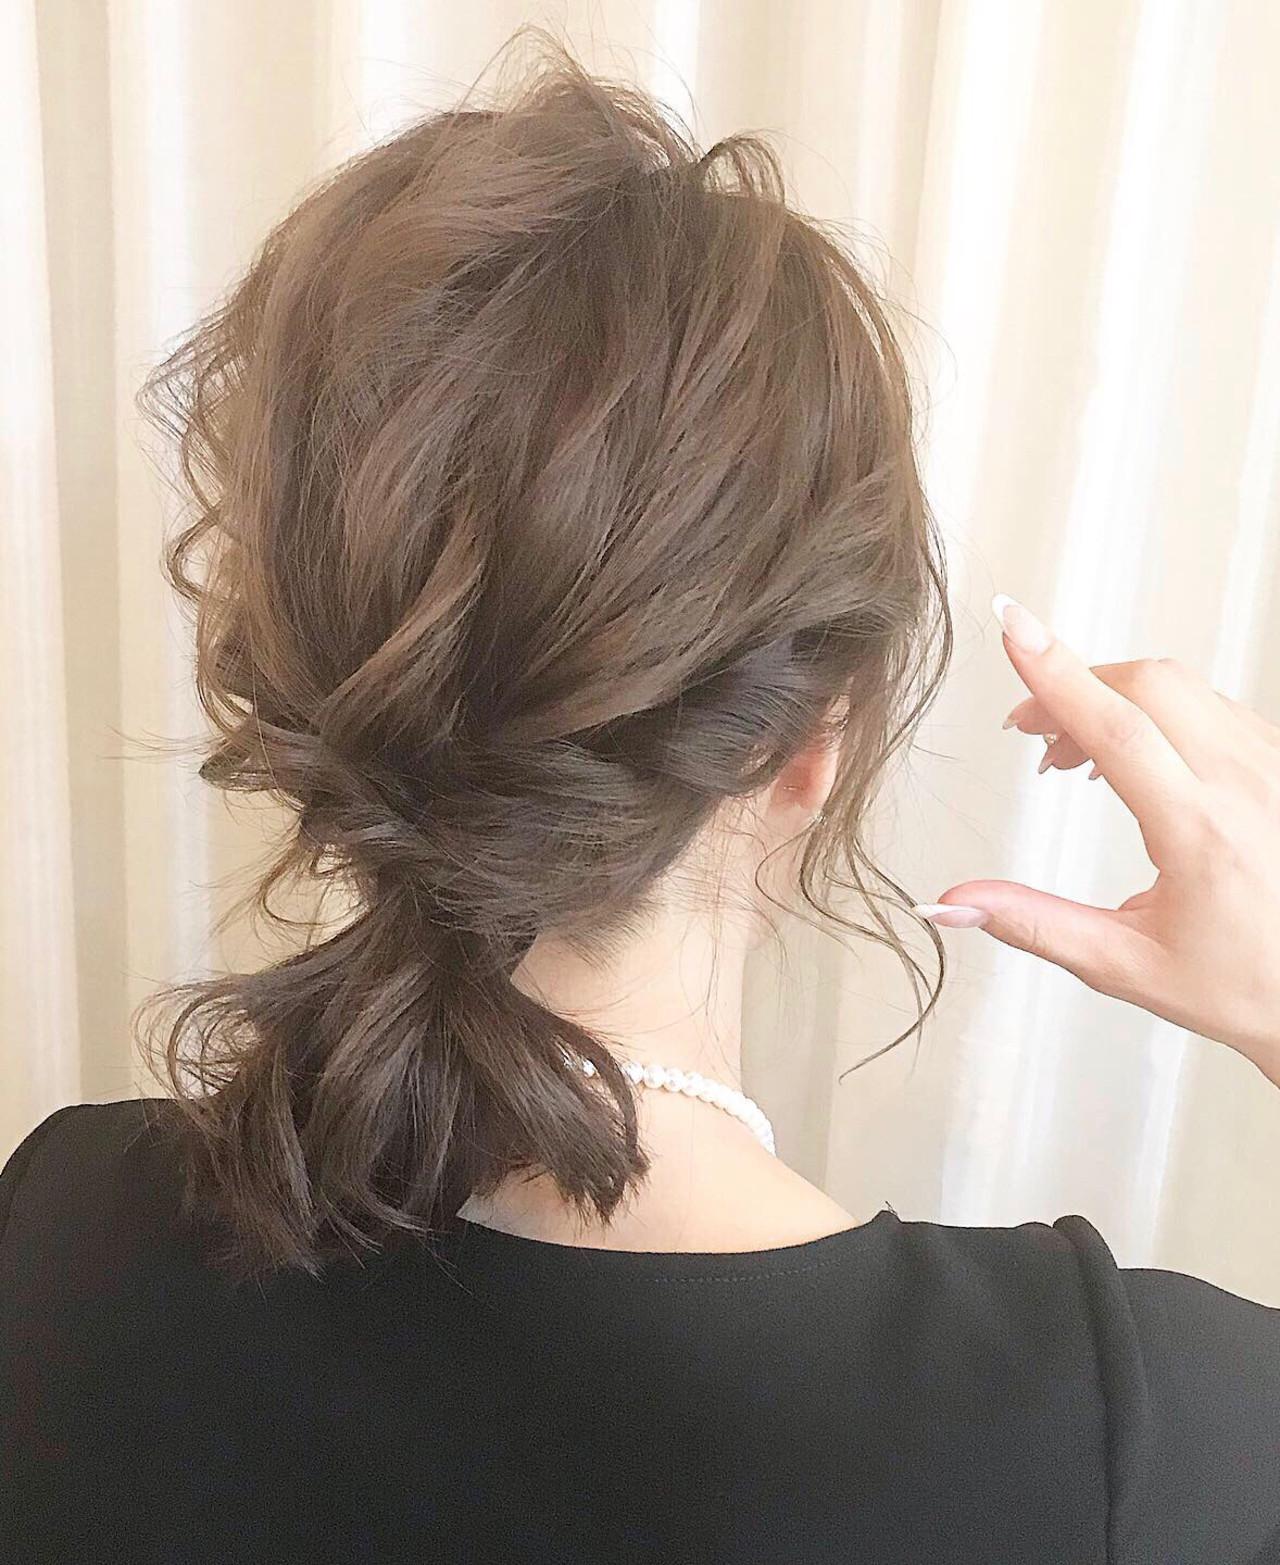 ミディアムさんにおすすめ♡「まとめ髪」簡単ヘアアレンジカタログの16枚目の画像